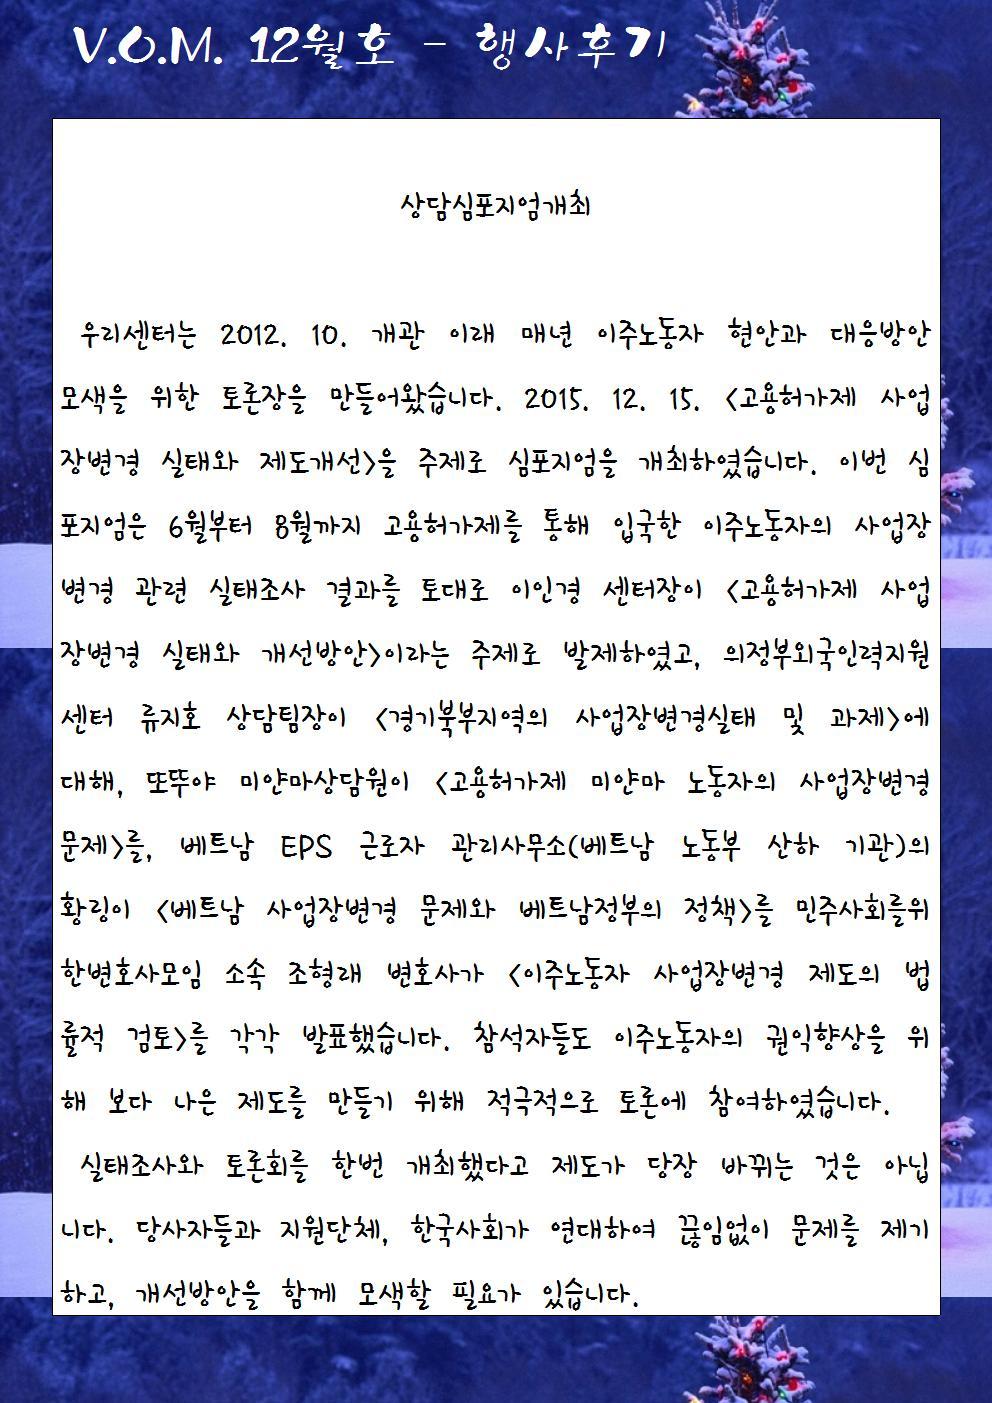 행사후기 - 상담심포지엄001